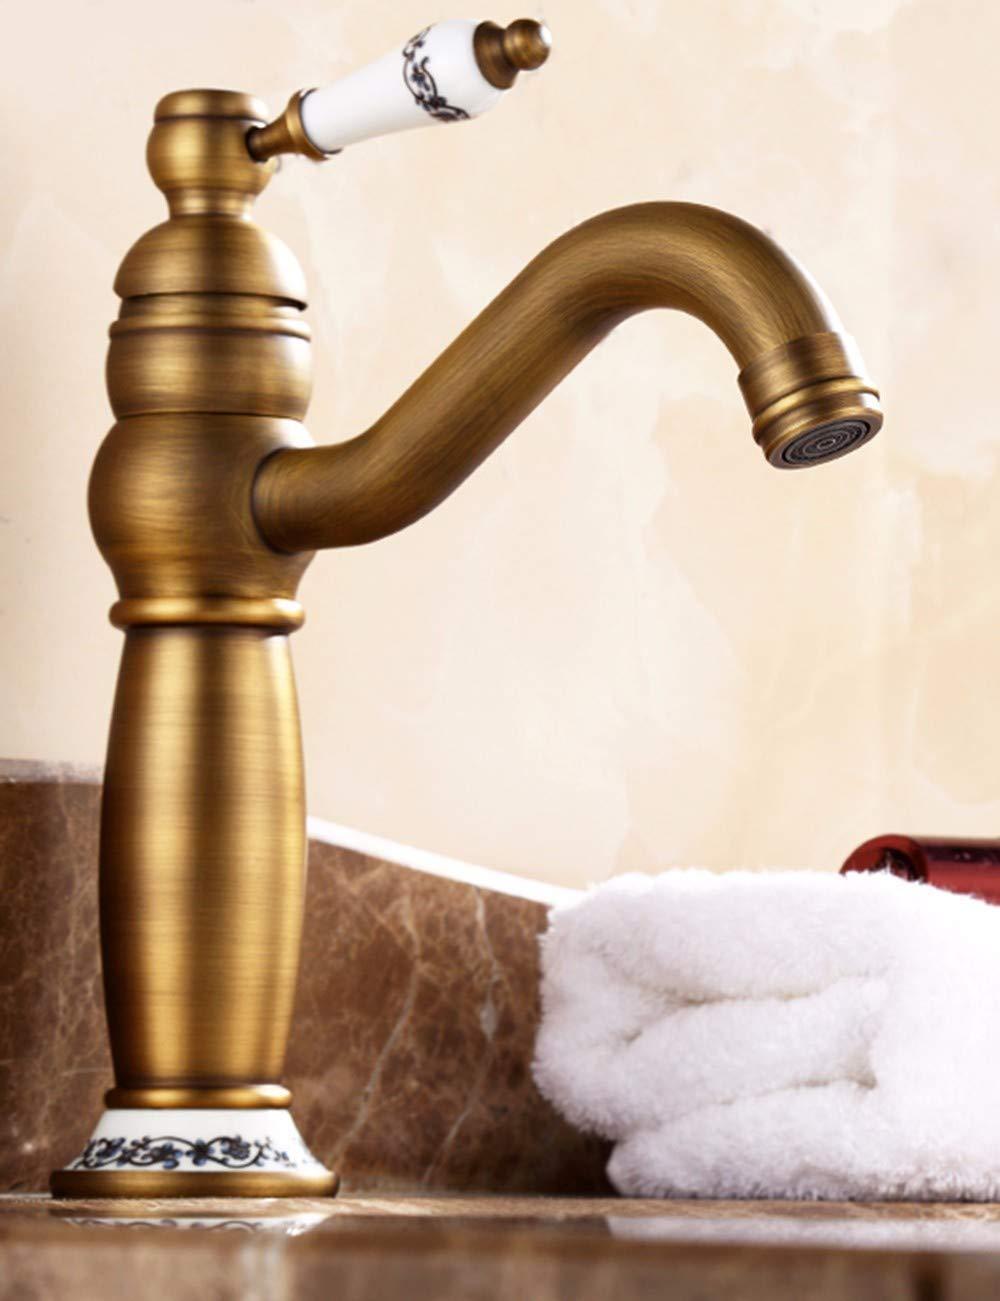 JingJingnet 流域ミキサータップ浴室のシンクの蛇口すべて銅ヨーロッパスタイルアンティーク真鍮蛇口チェックアンティークシングルハンドルシングルホール盆地の蛇口と冷水タップ (Color : B) B07S4LZ5V7 B